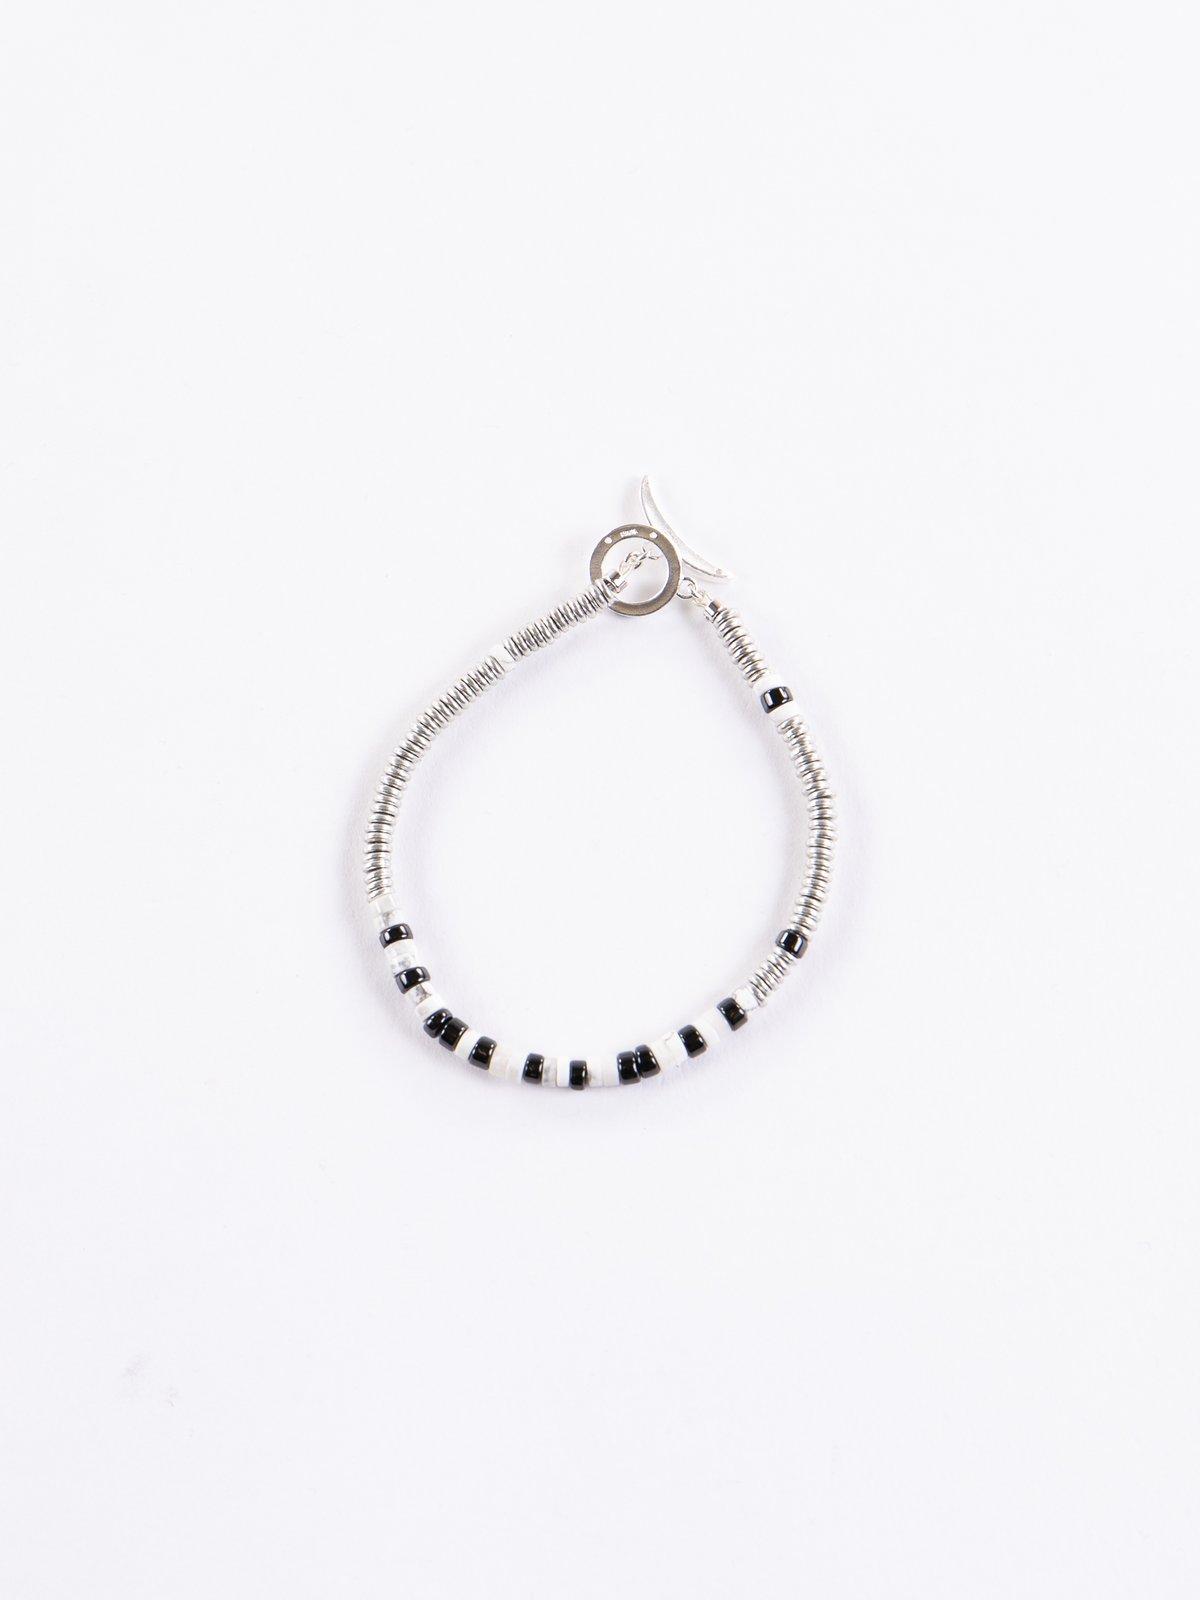 Howlite Tube Beads Bracelet - Image 1